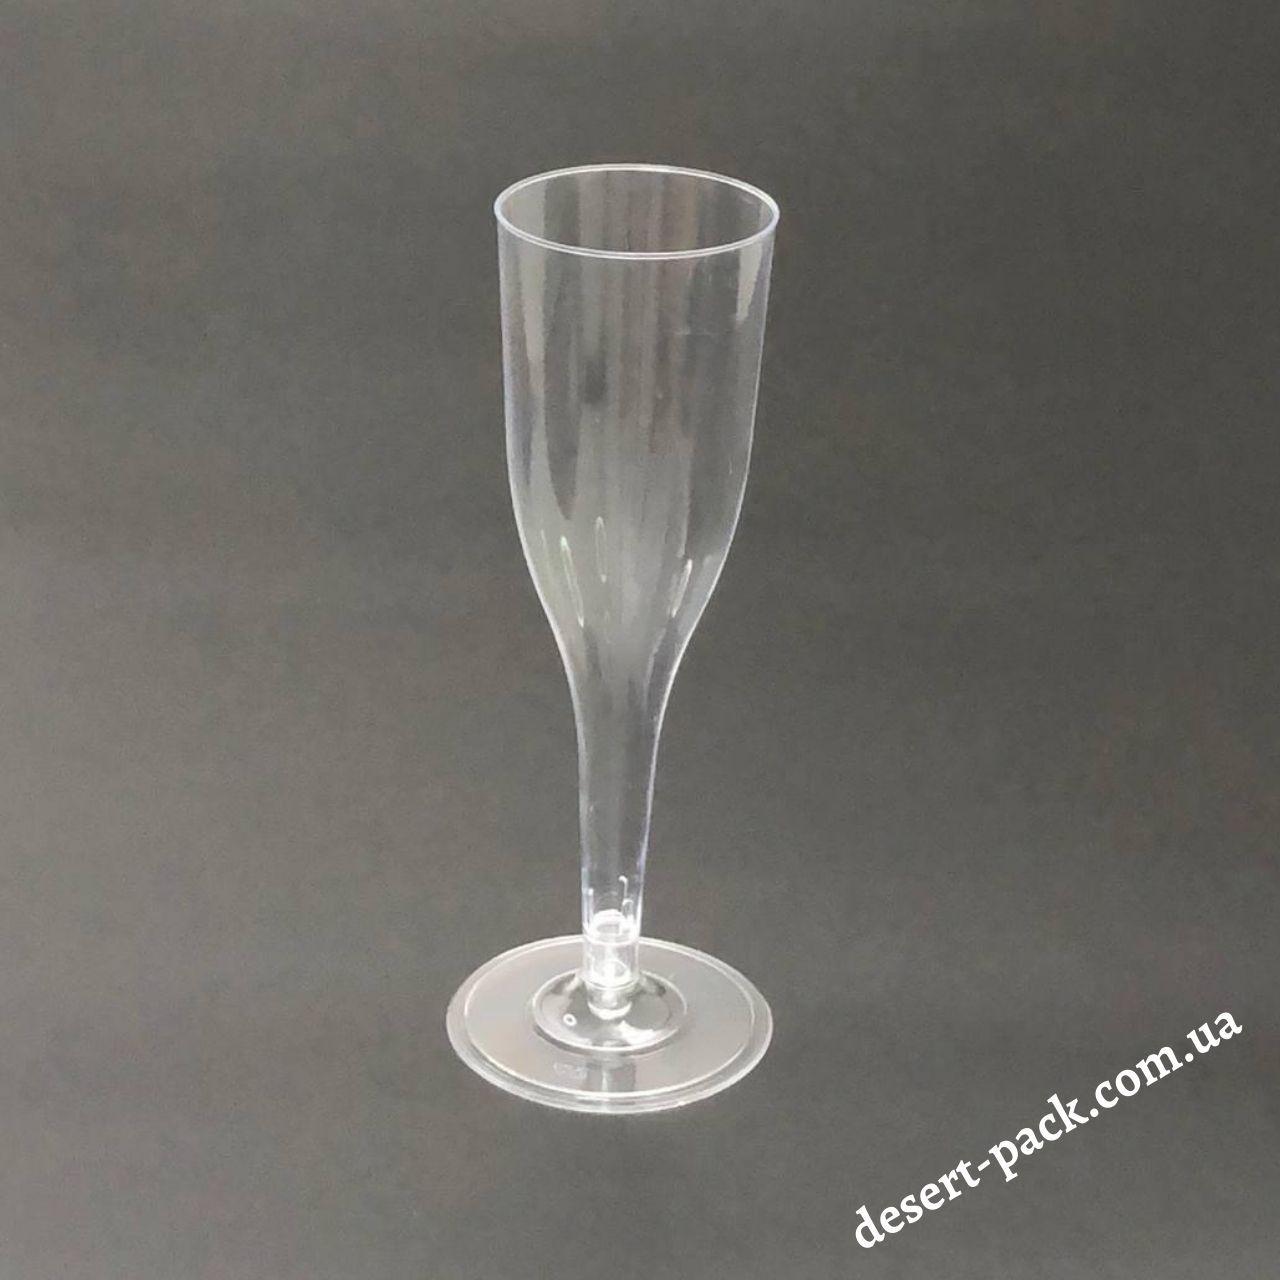 Бокал для шампанського «Класика» 130 мл (h-170 мм, ∅-50 мм) пластиковий, одноразовий